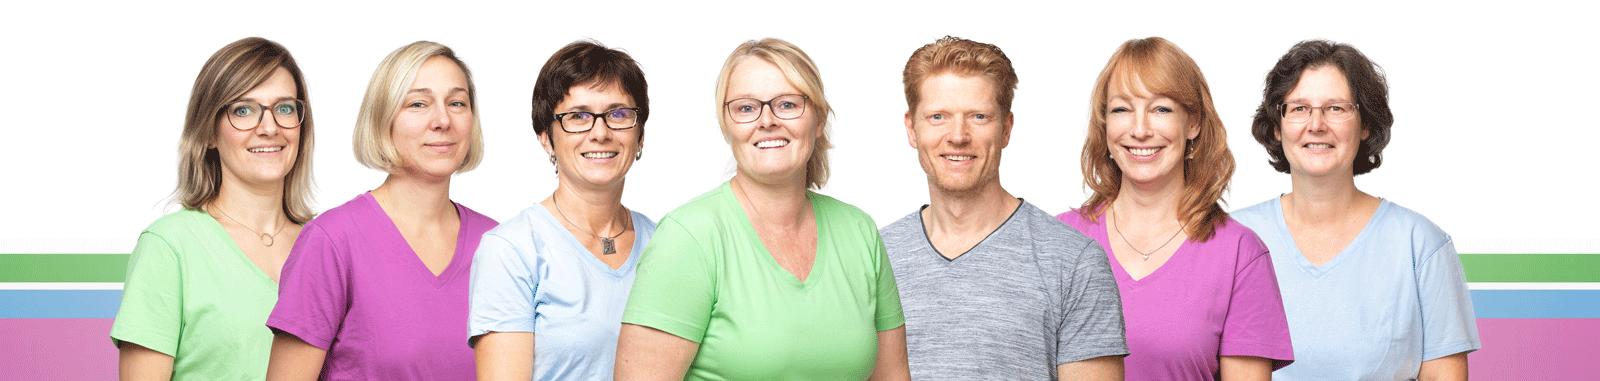 wir-ueber-uns-leitung-gruppenbild-kids-at-home-1600x381